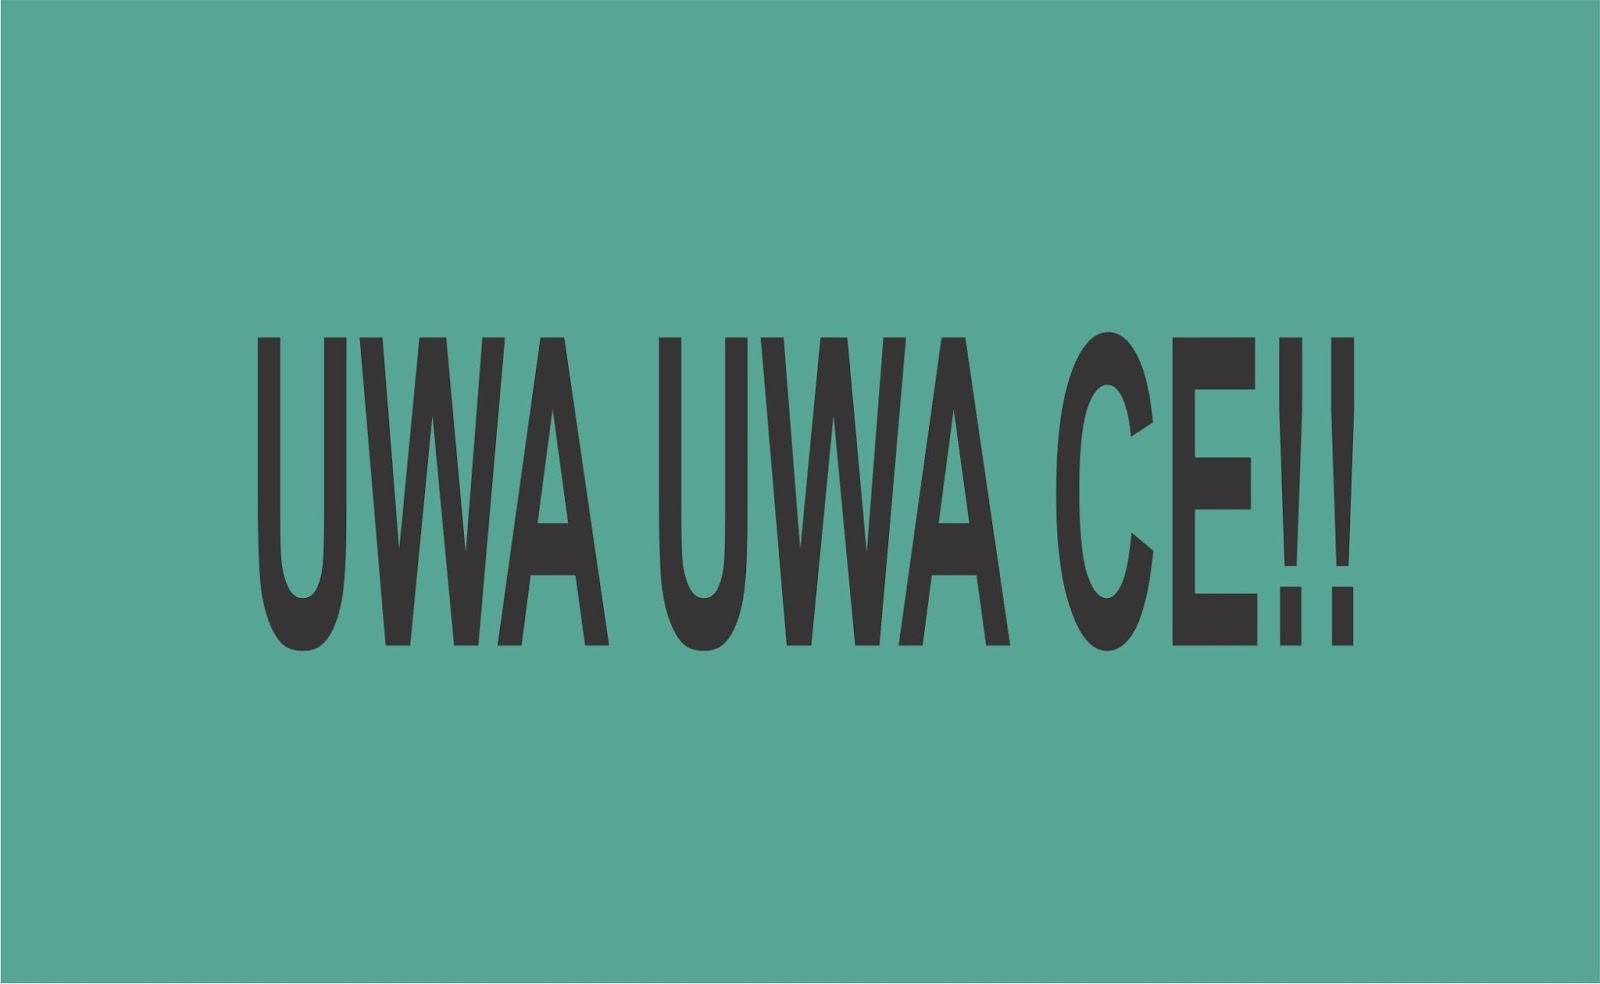 UWA UWACE! complete - Gidan Novels   Hausa Novels